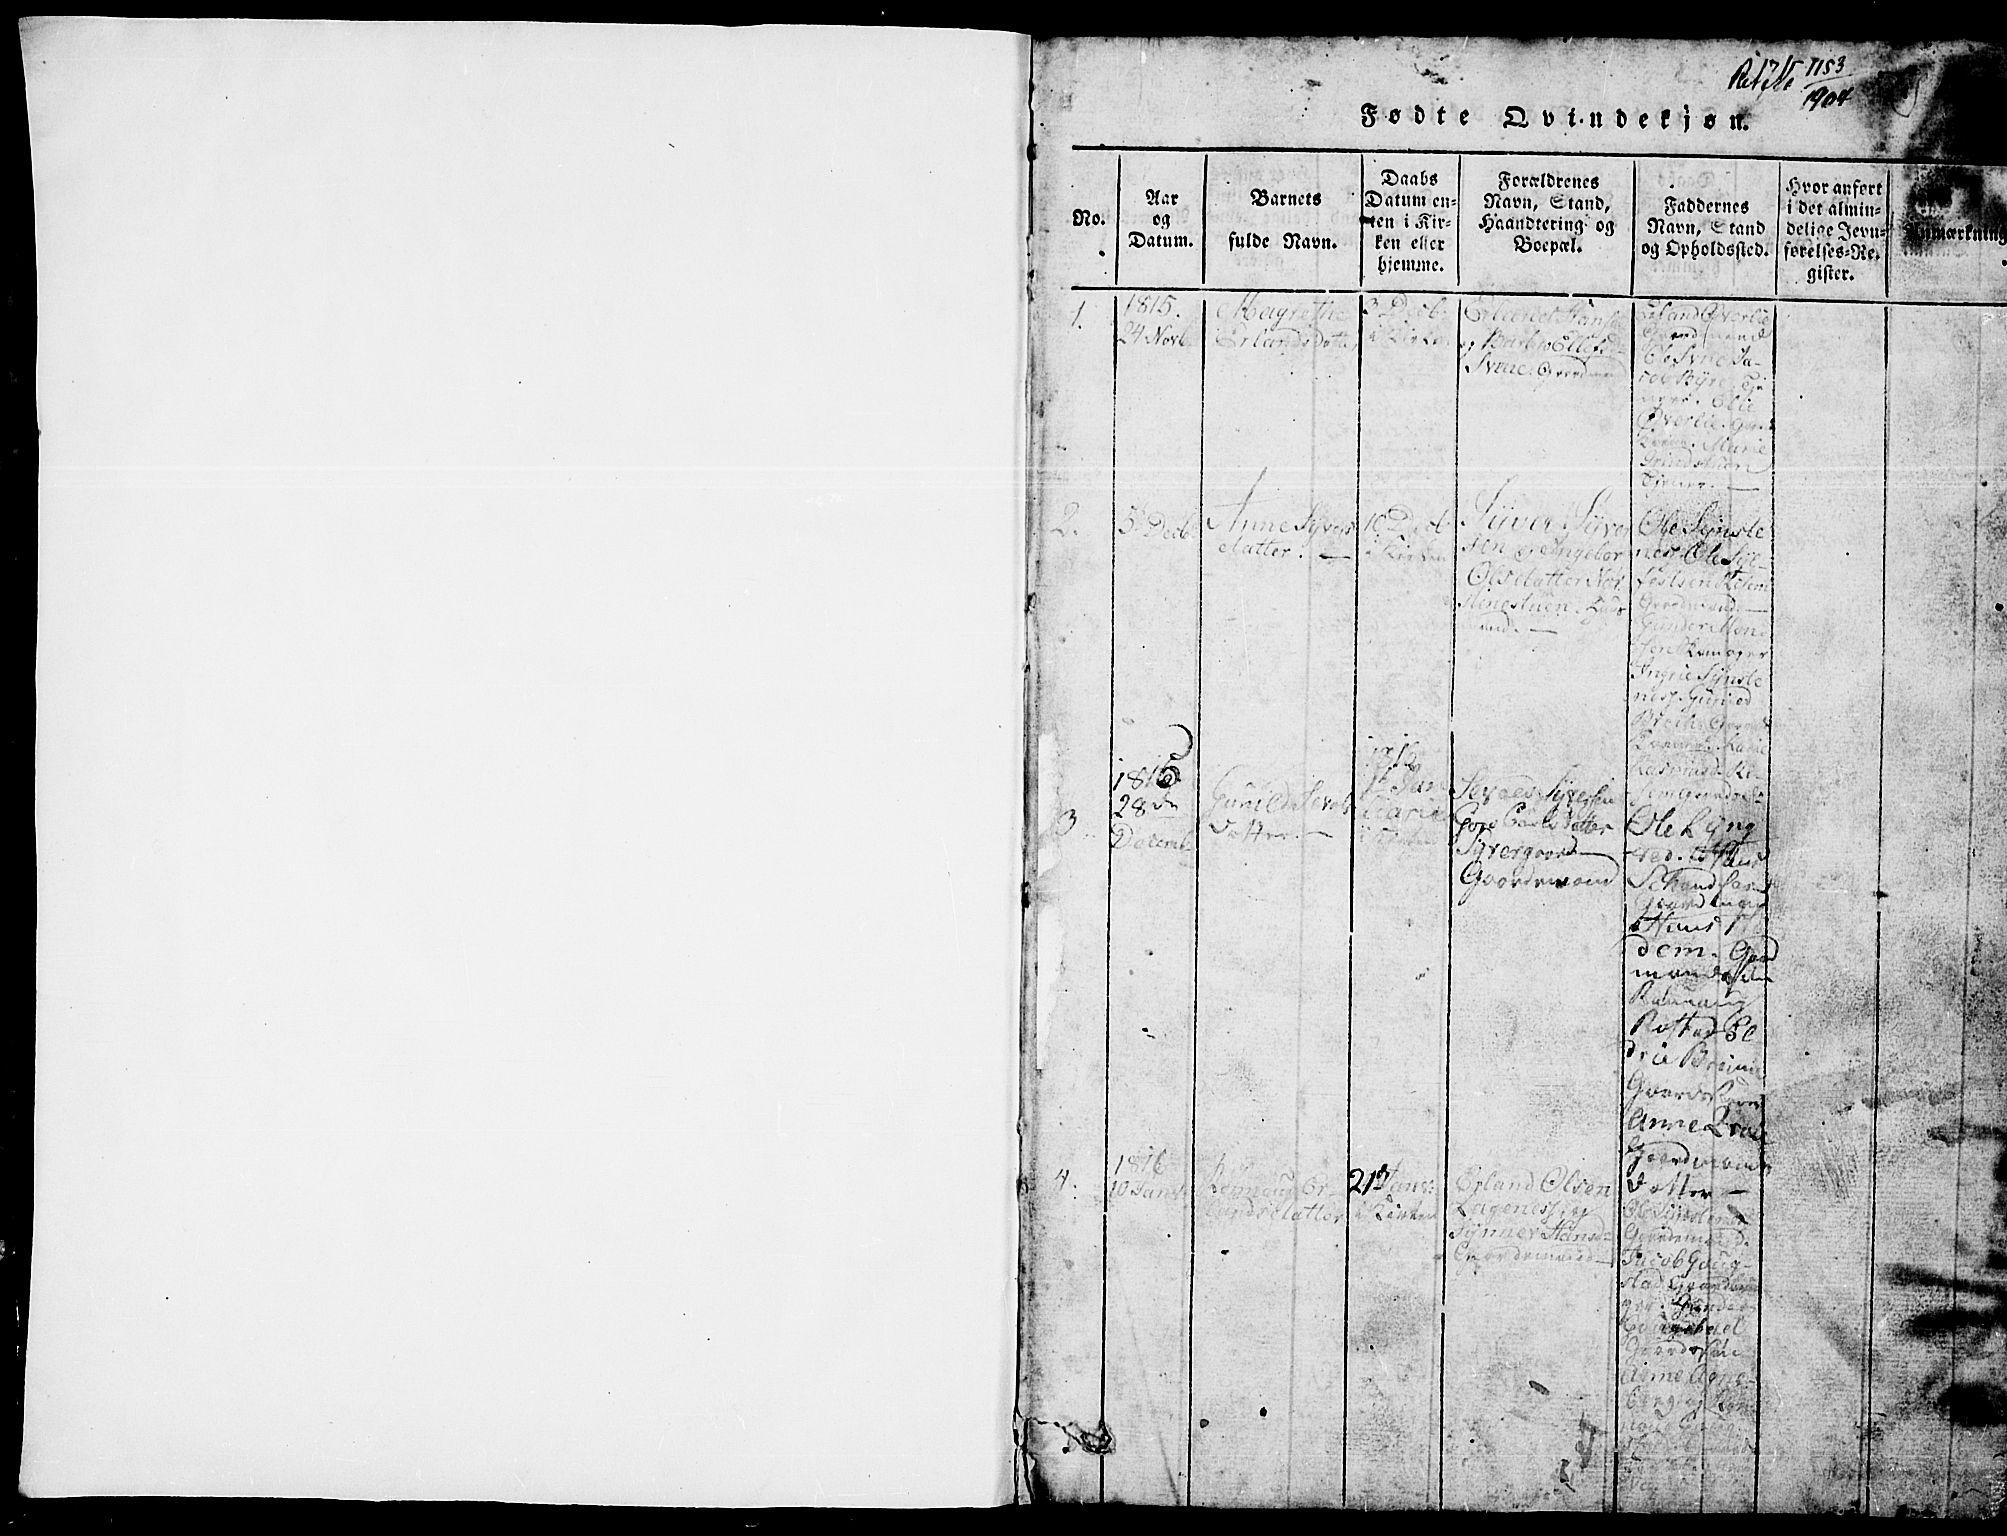 SAH, Lom prestekontor, L/L0001: Klokkerbok nr. 1, 1815-1836, s. 1